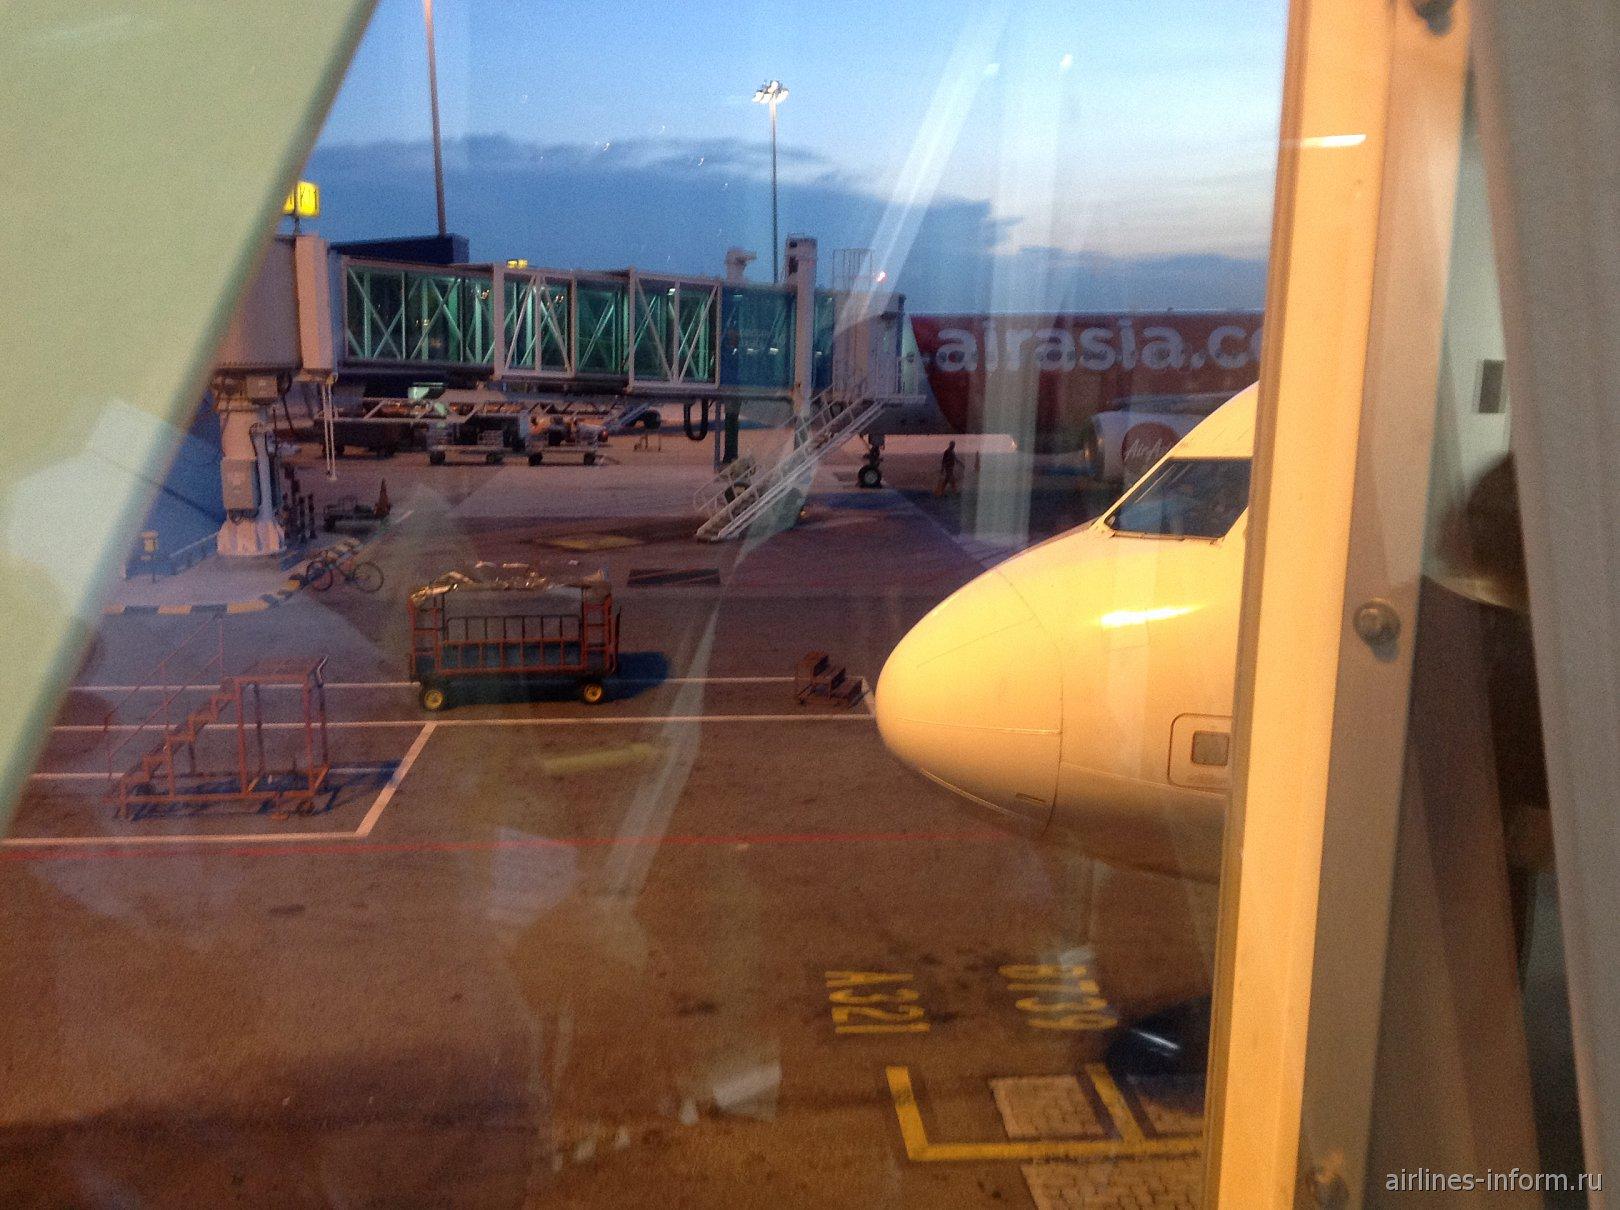 Под крыльями Евразии. Часть 5 - в Сингапур по безвизовому 96 часовому транзиту с Air Asia на  Airbus A320: KUL - SIN